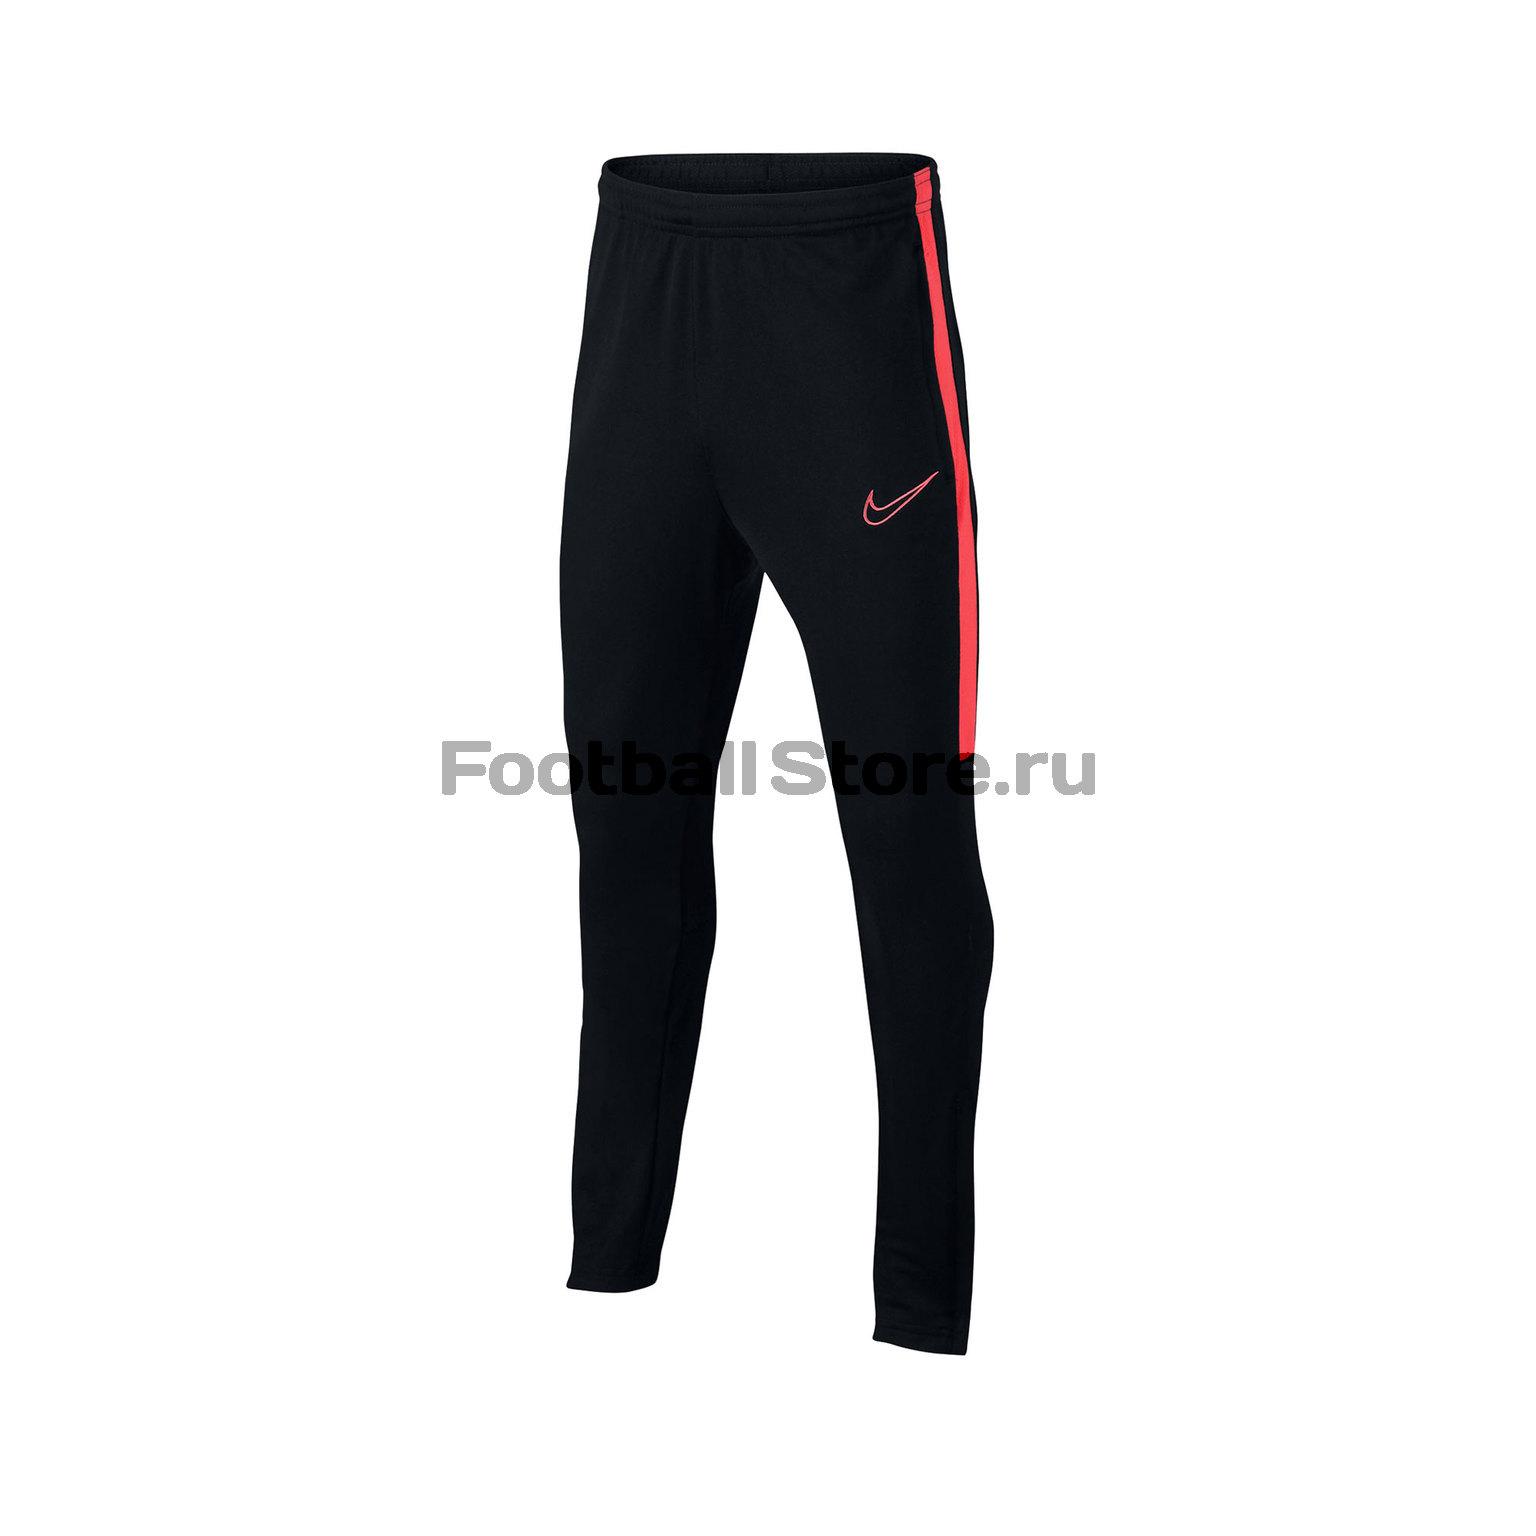 Брюки тренировочные подростковые Nike Dry Academy Pant AO0745-015